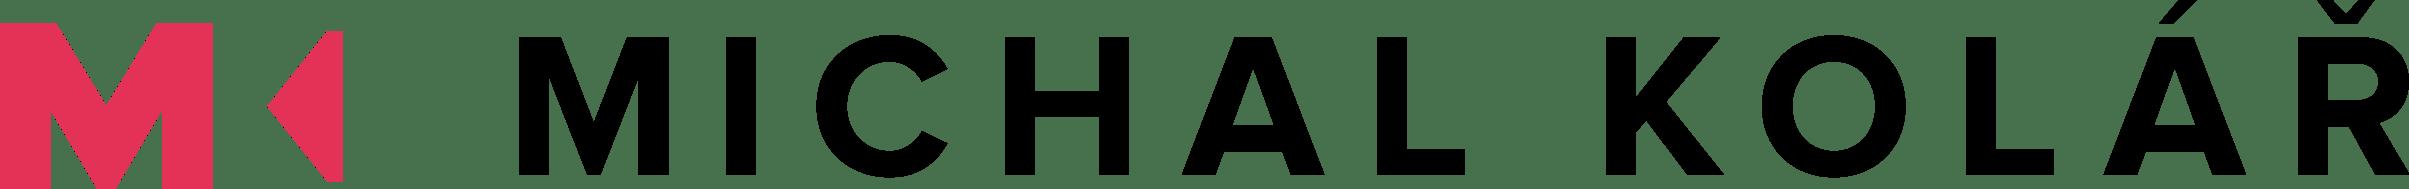 MICHAL KOLÁŘ umělecká agentura